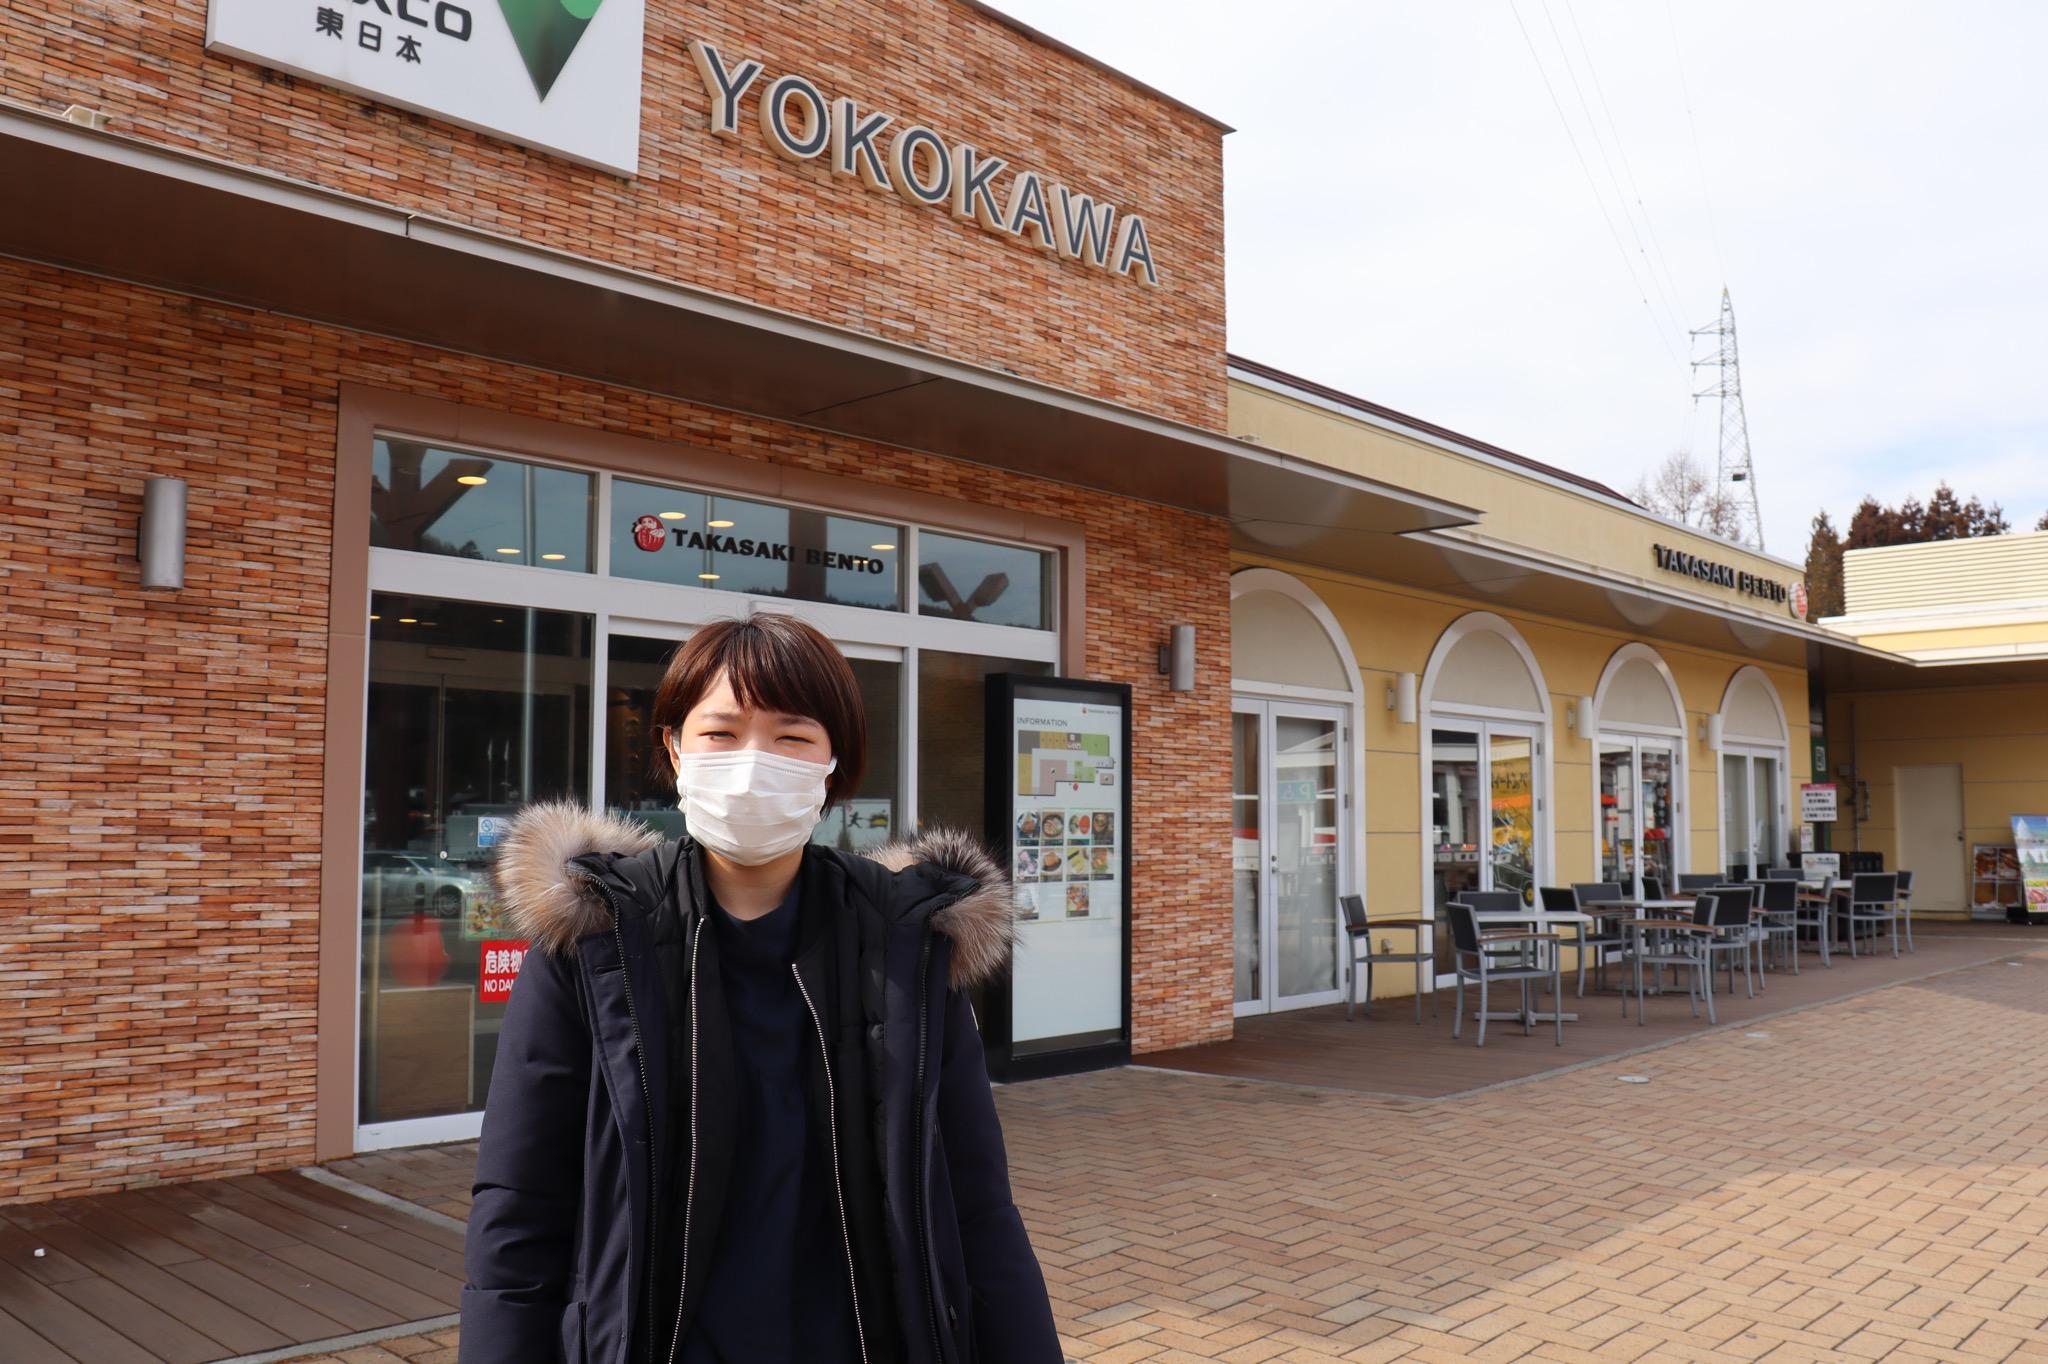 横川サービスエリアに佇む女性